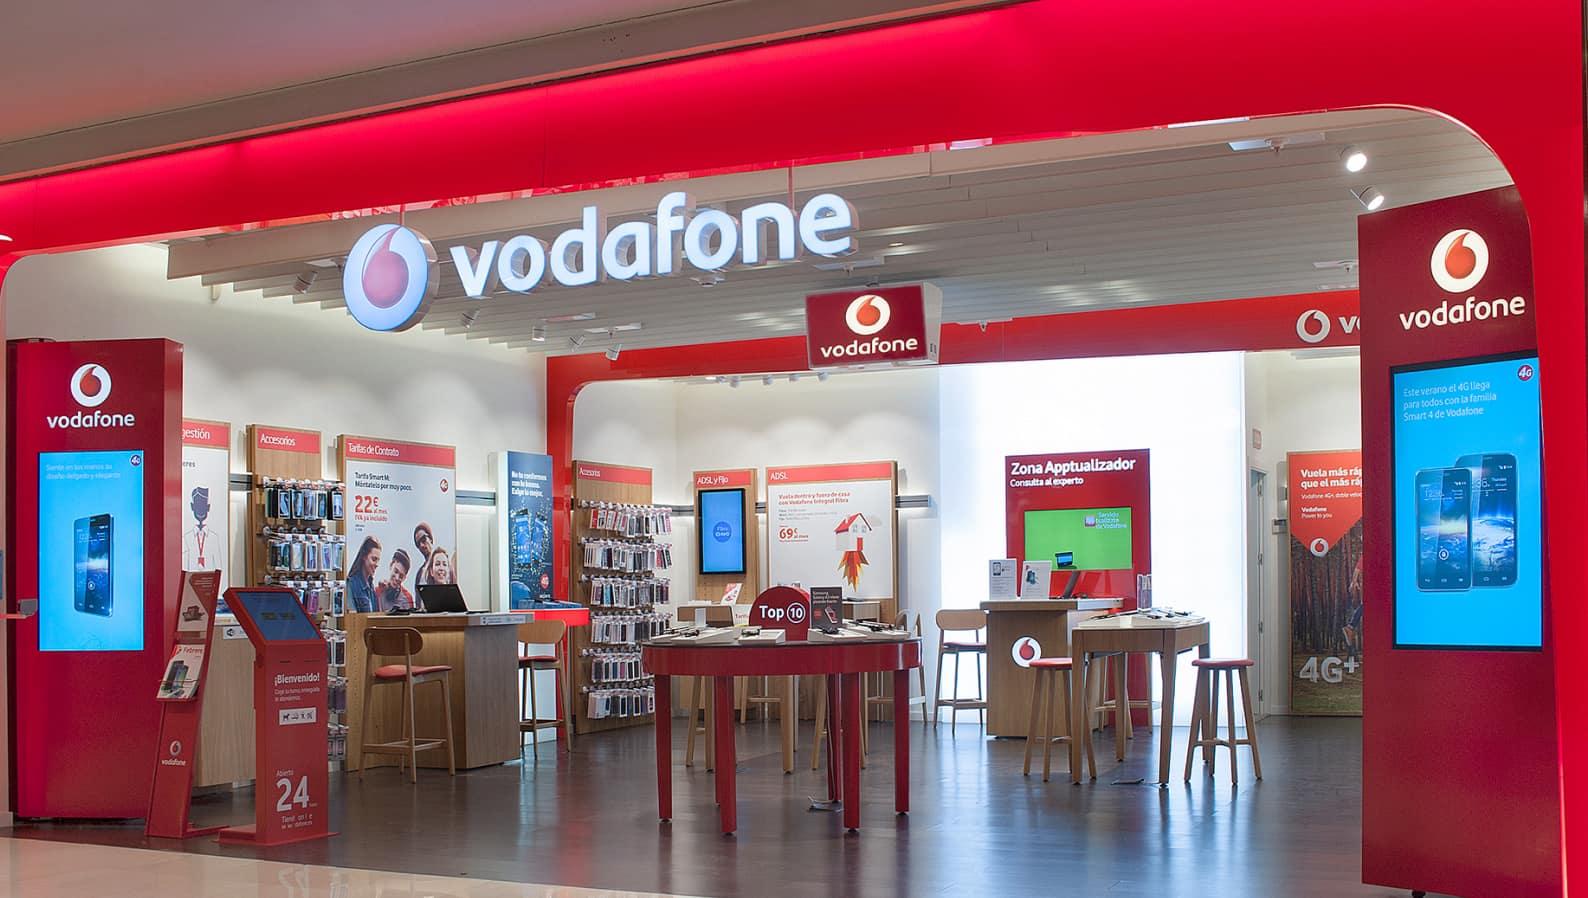 Instalación de rótulo y elementos gráficos en la tienda de Vodafone